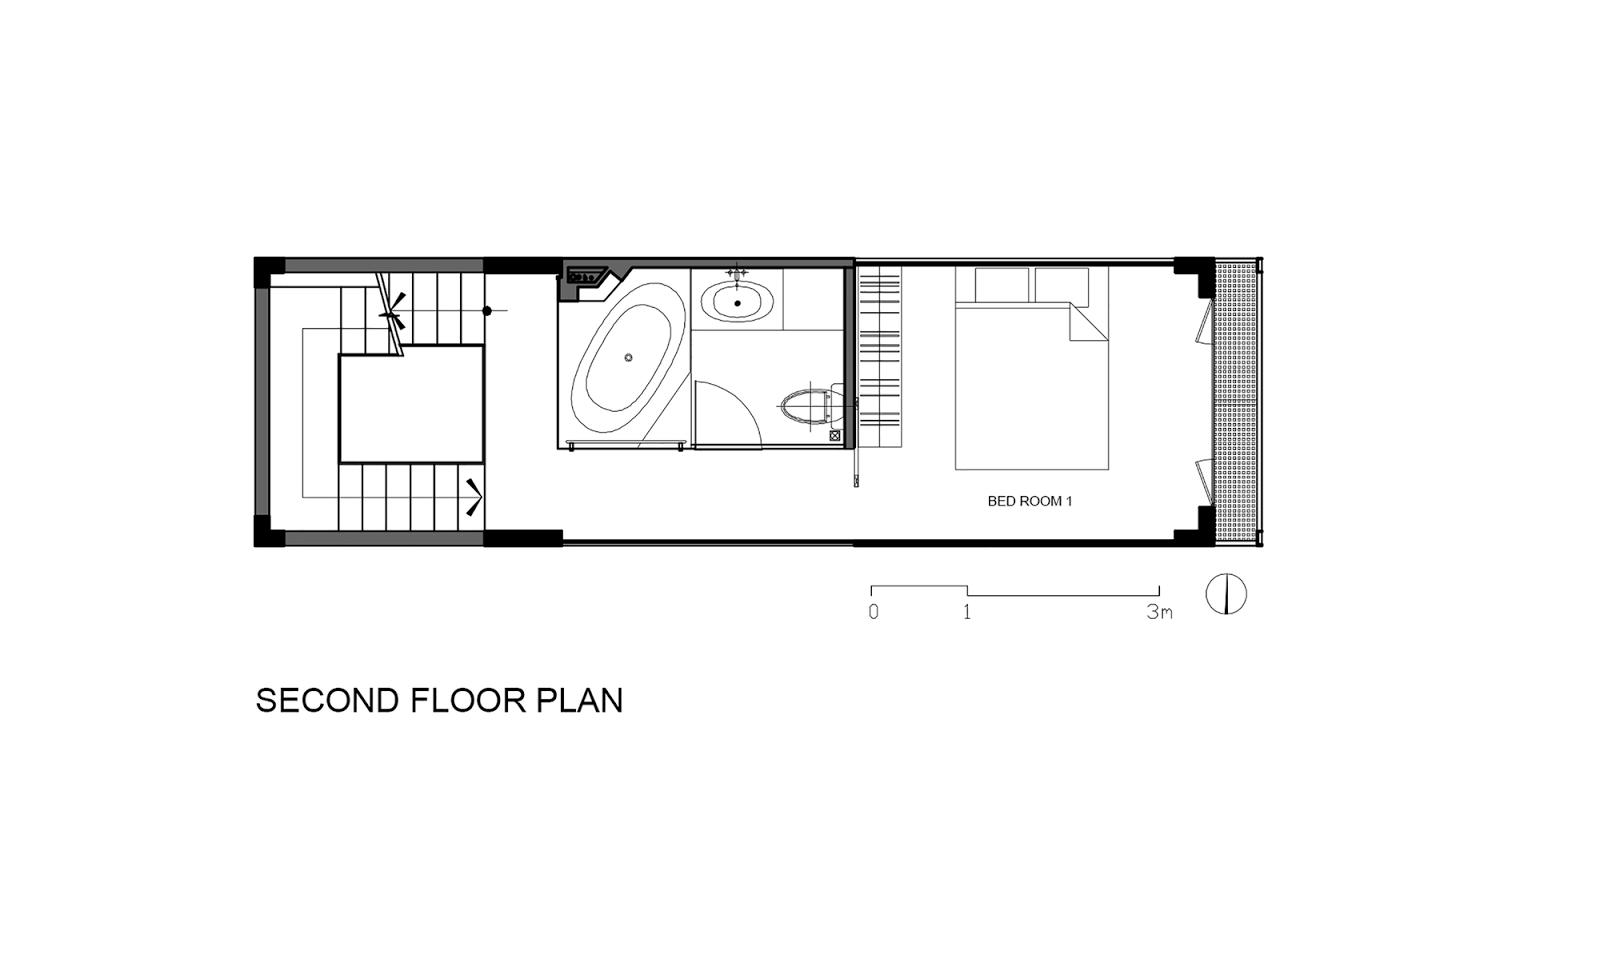 Denah Lantai 2 Rumah Sempit 3x10 Meter